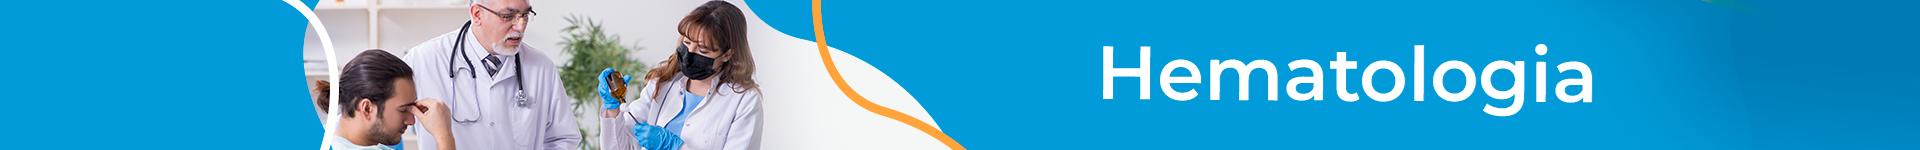 Banner - Hematologia